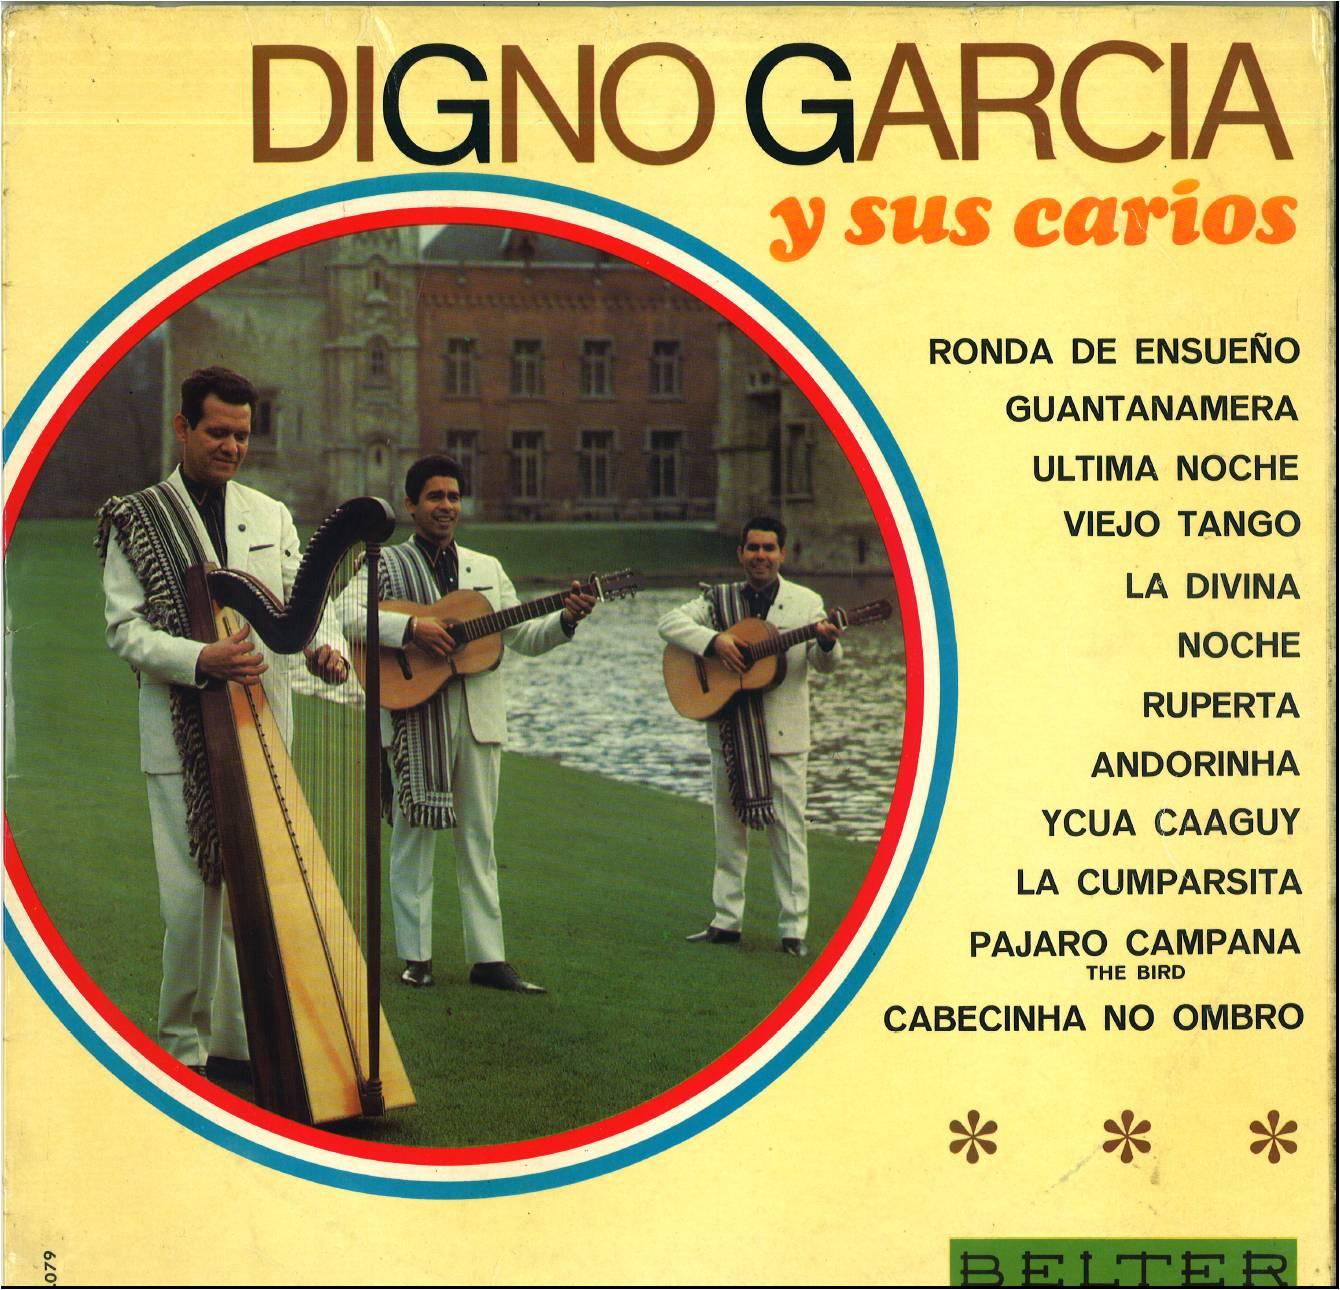 Digno Garcia Y Sus Carios - Brigitte Bardot